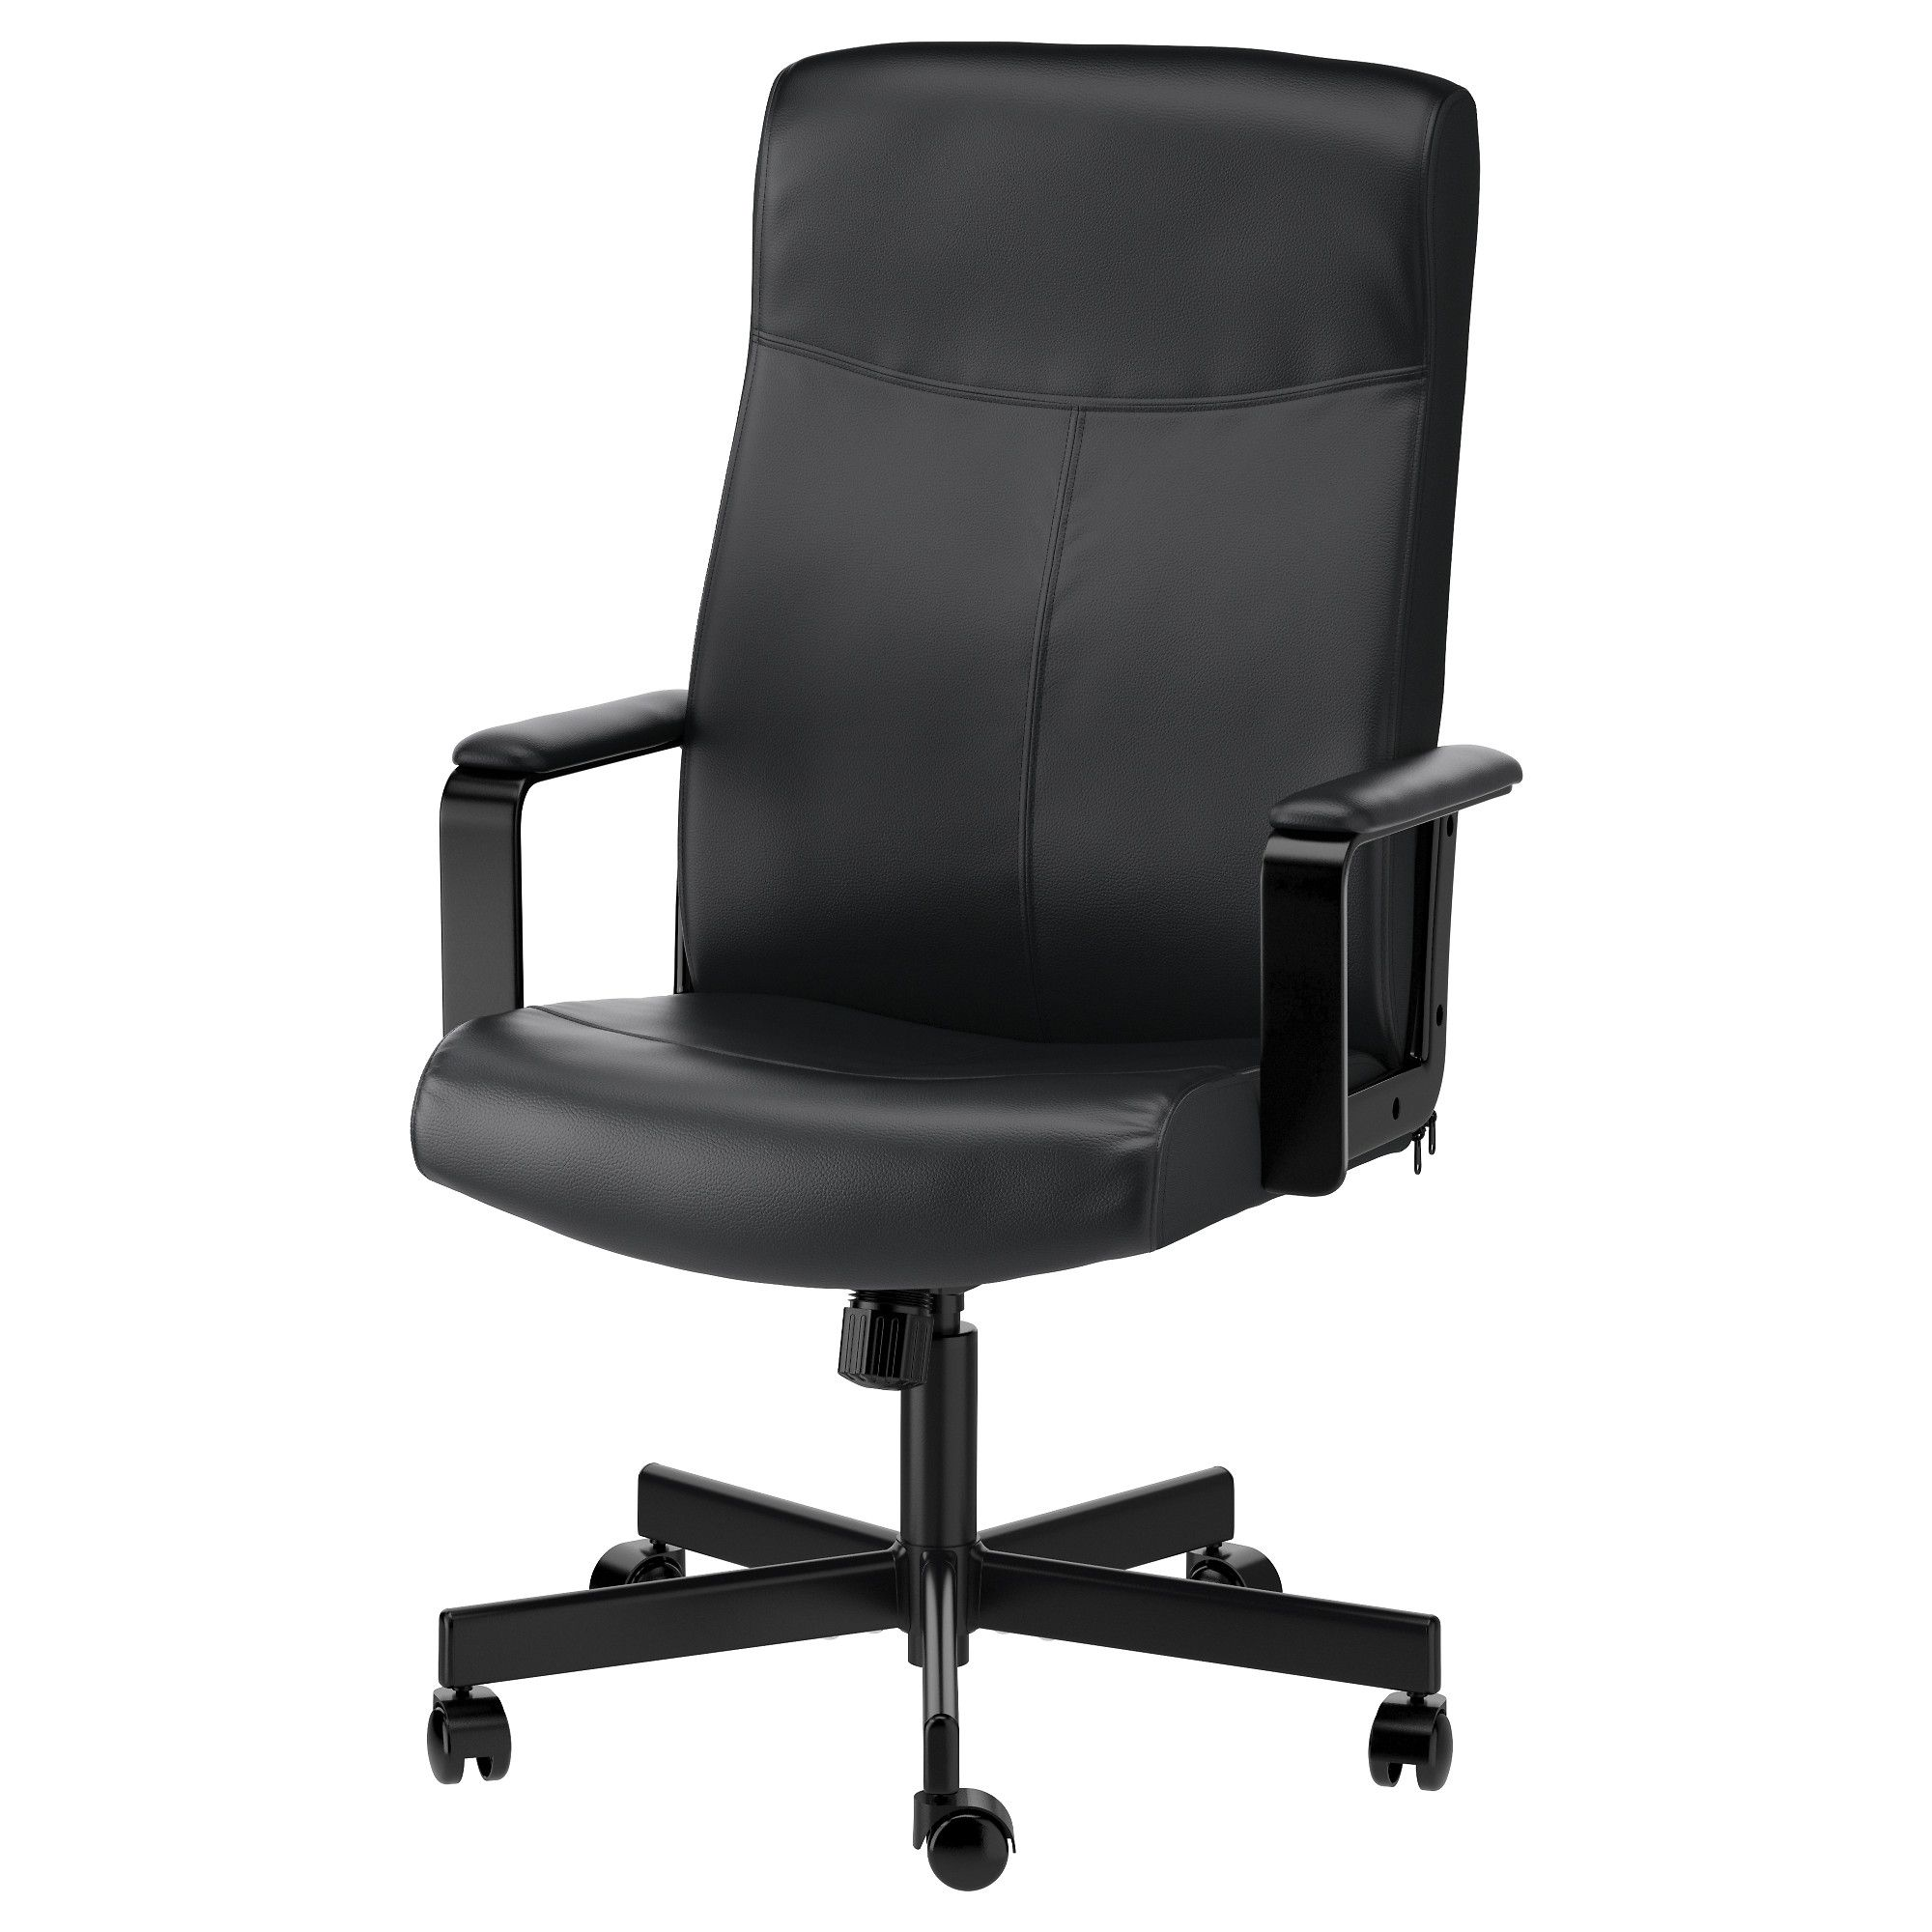 IKEA MILLBERGET Swivel chair Bomstad black Ikea desk